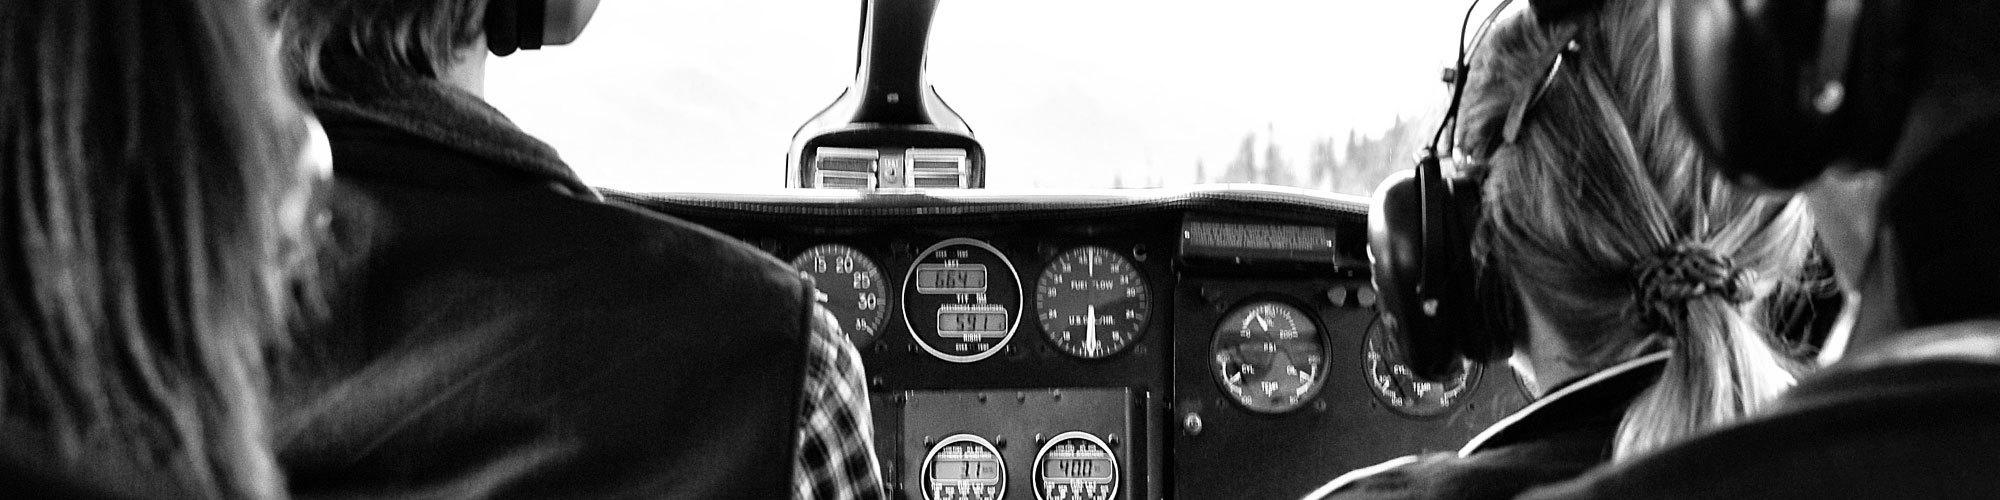 Vlieg header